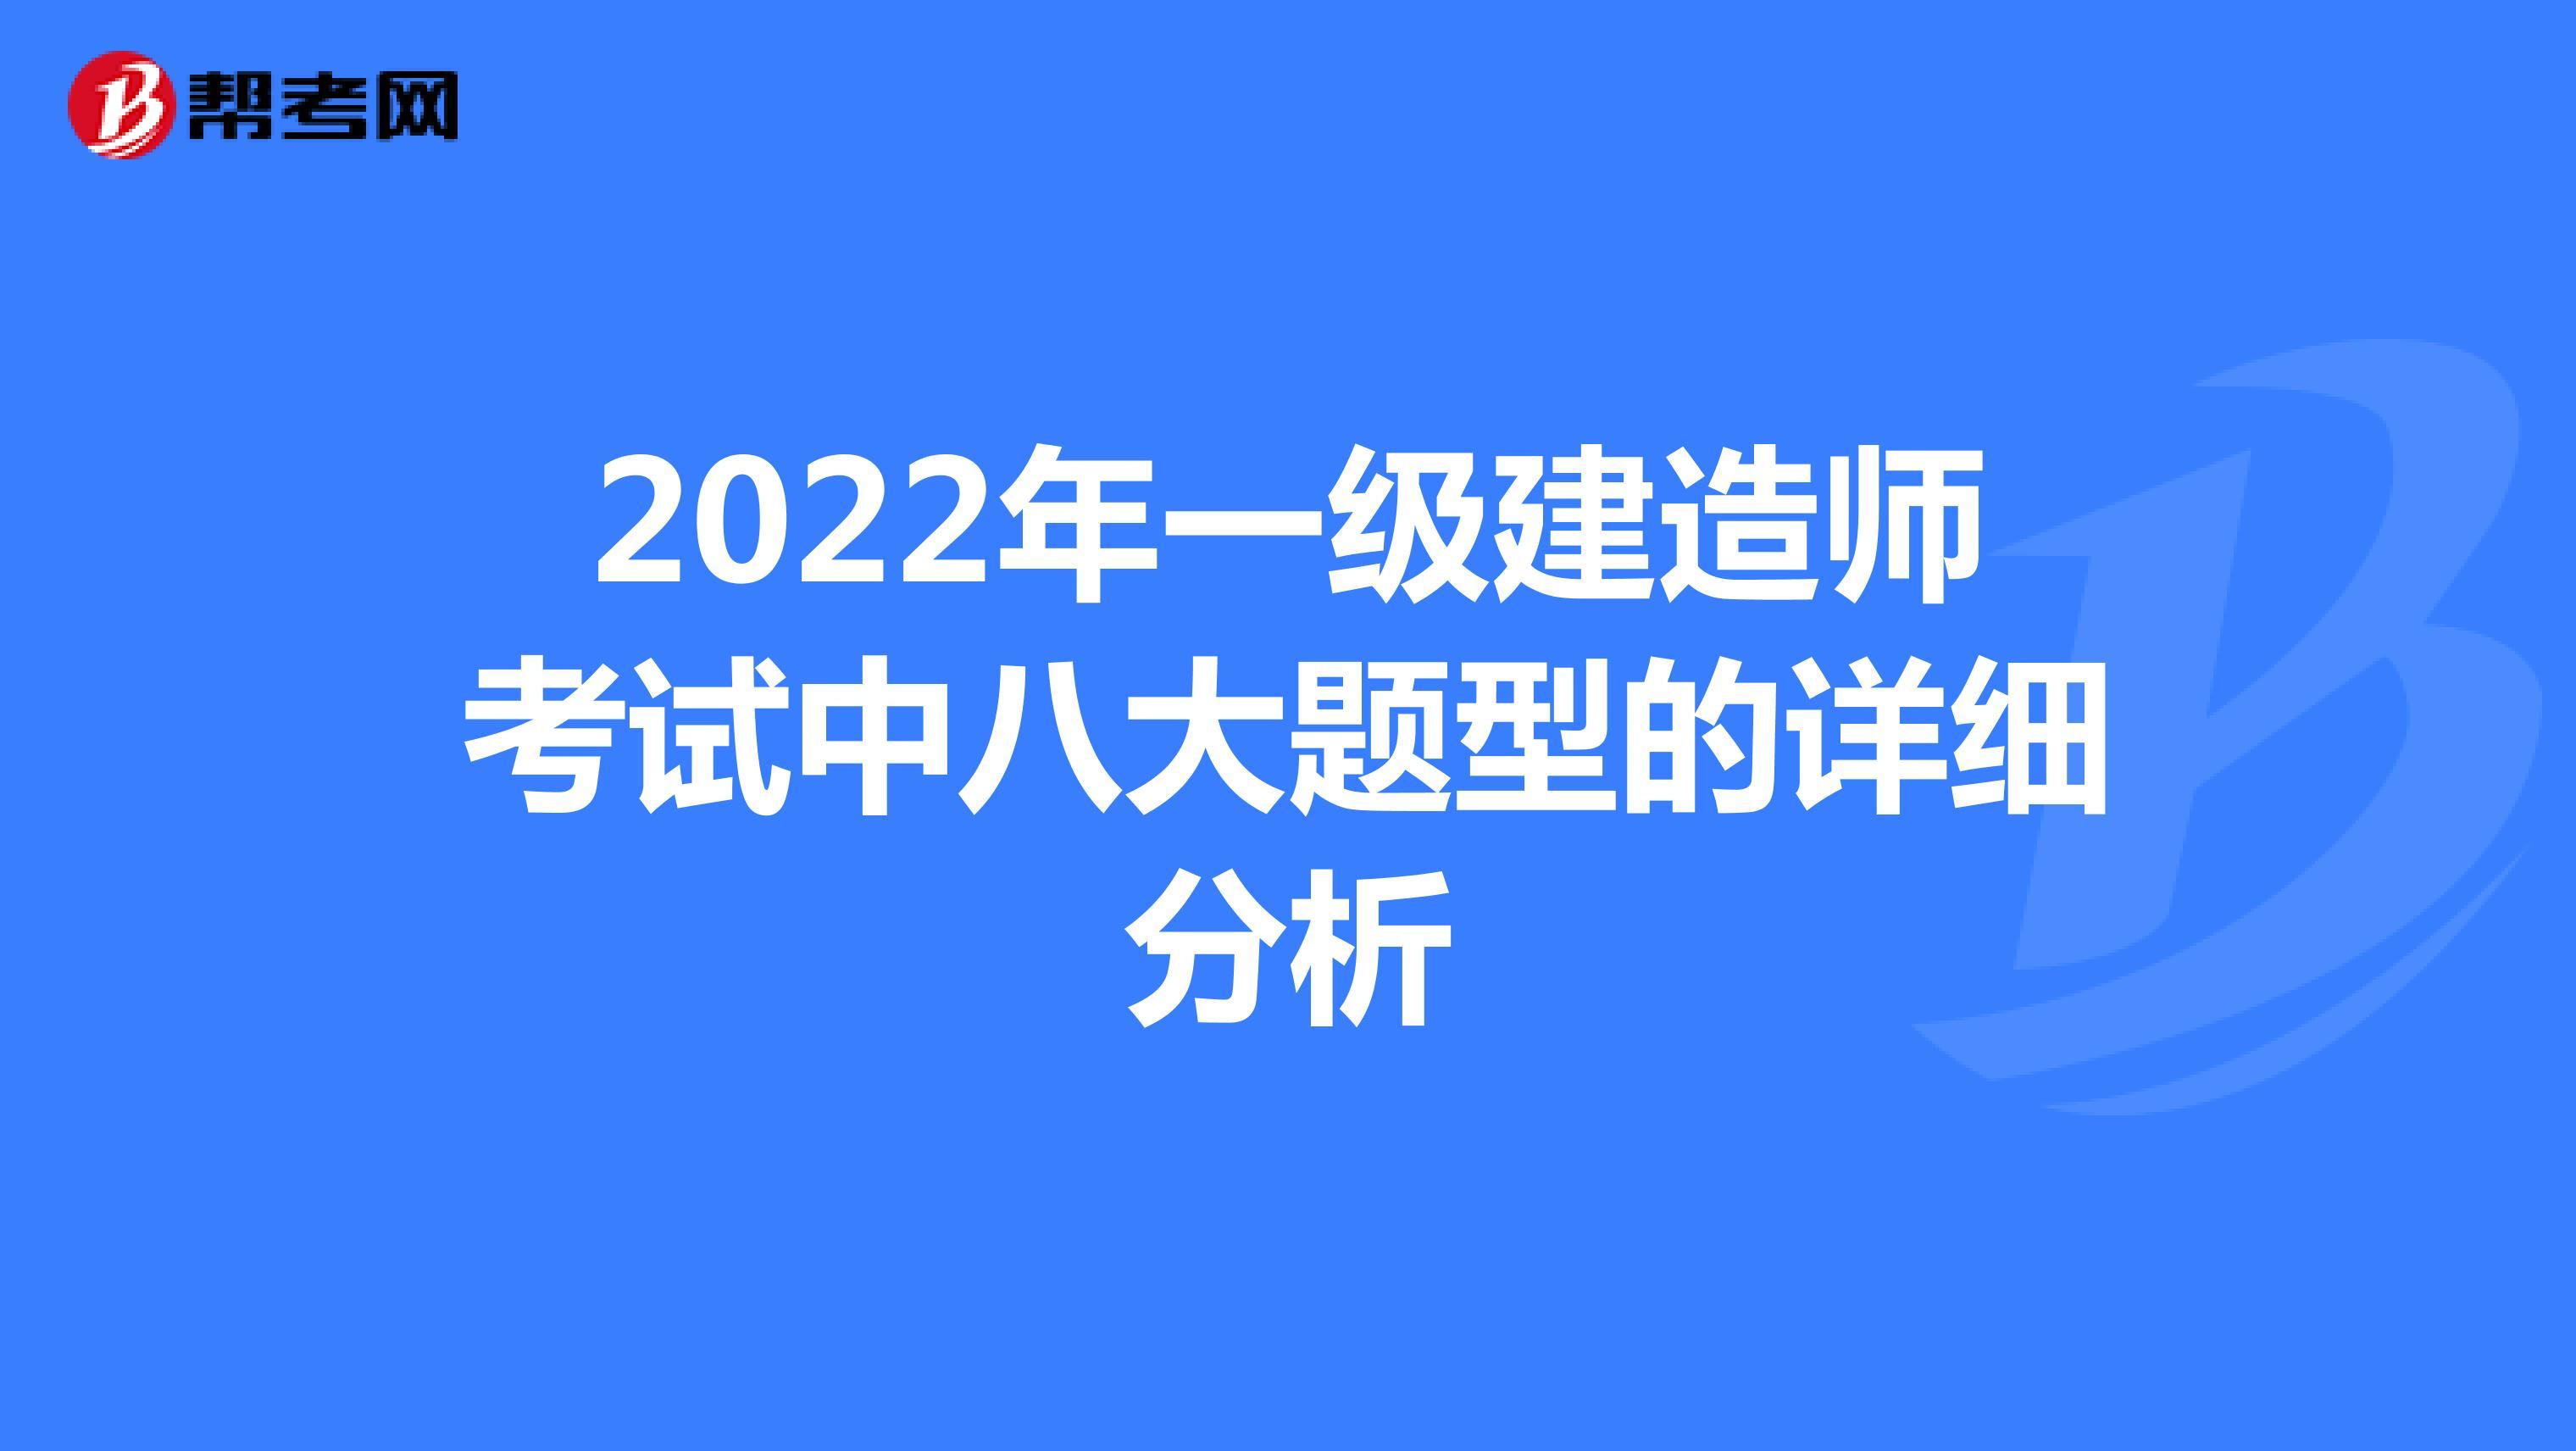 2022年一级建造师考试中八大题型的详细分析